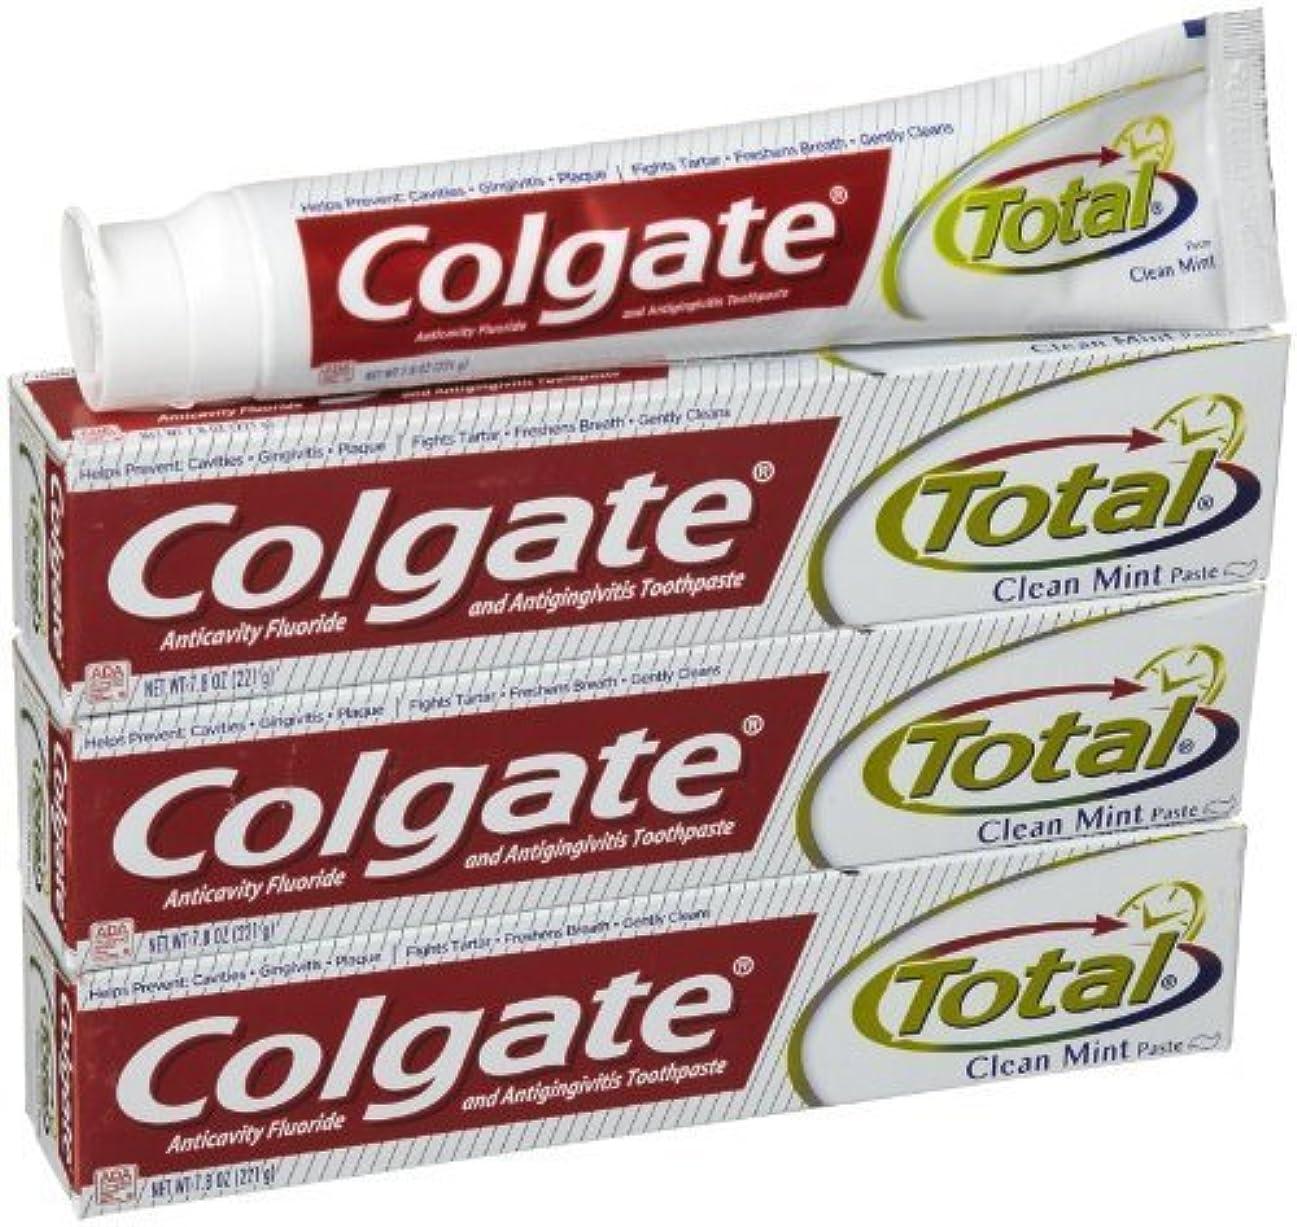 マリントレースホームレスコルゲート クリーンミント 歯磨き粉 7.8OZ-3個 Colgate Total Original Toothpast Clean mint